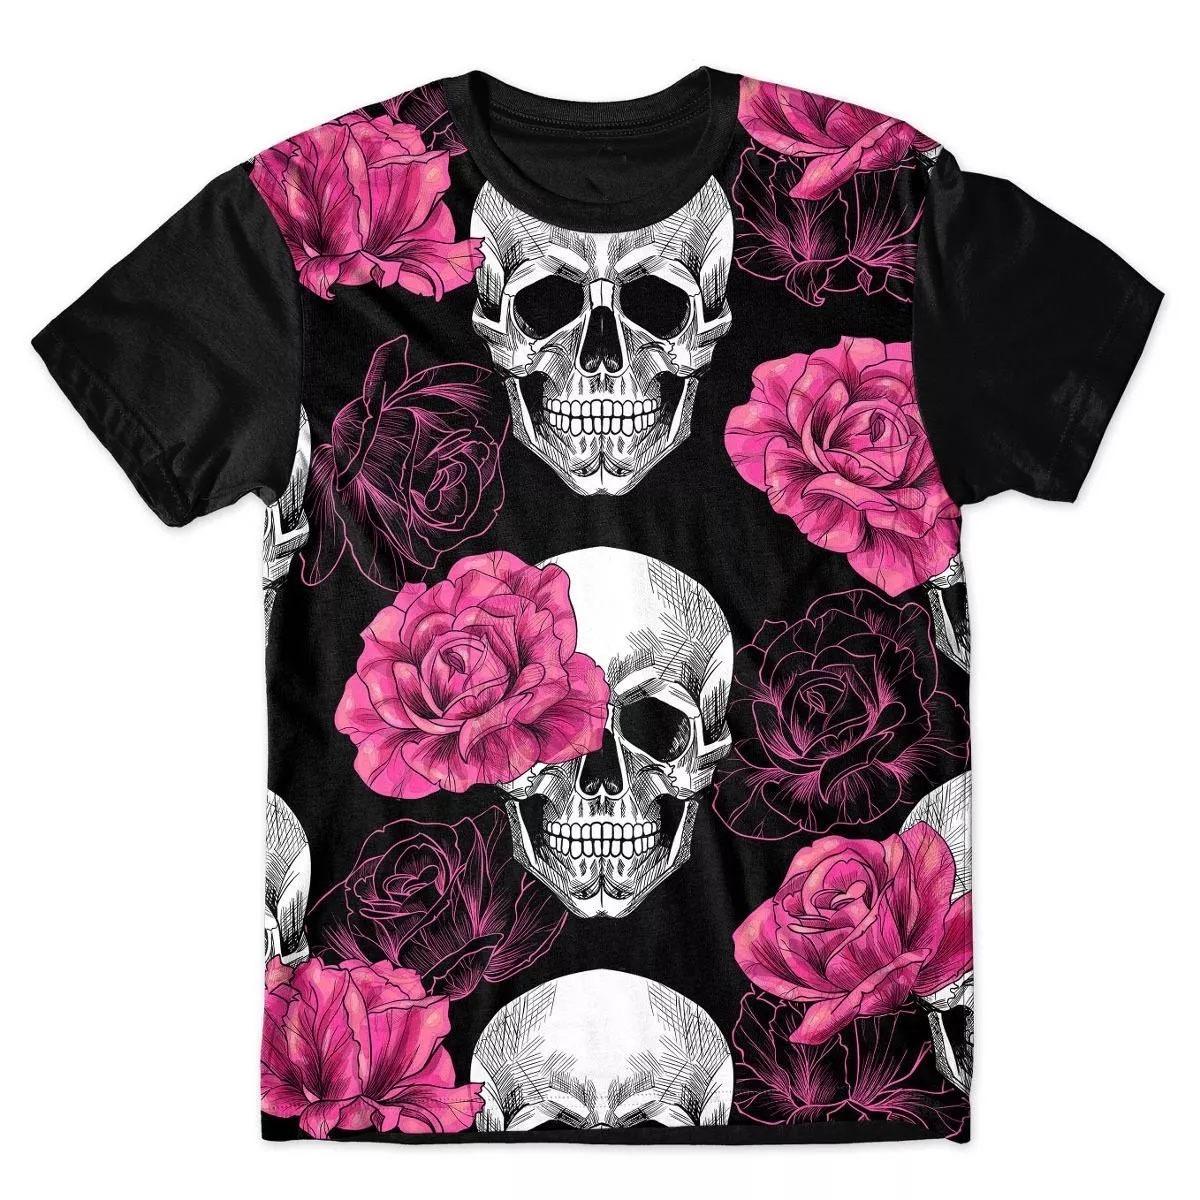 7d4c36d1e4106 camisa camiseta full caveira rosas rock flores. Carregando zoom.